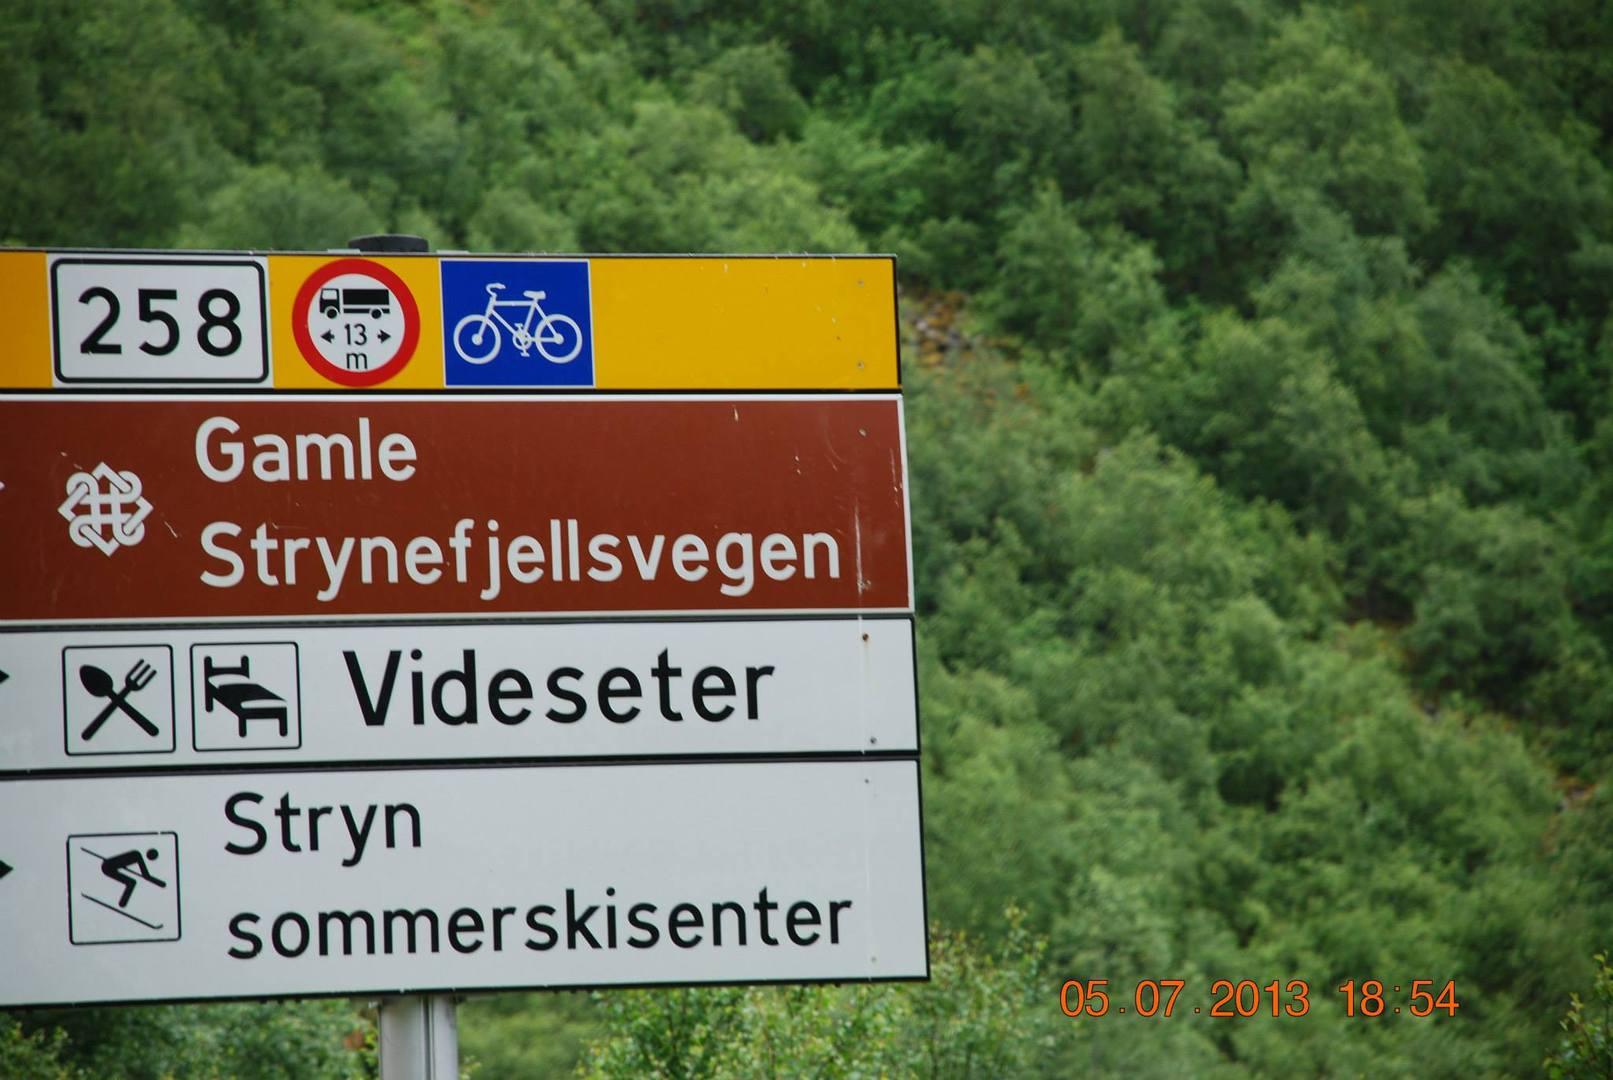 שלט הכניסה אל כביש 258 - Gamle Strynef